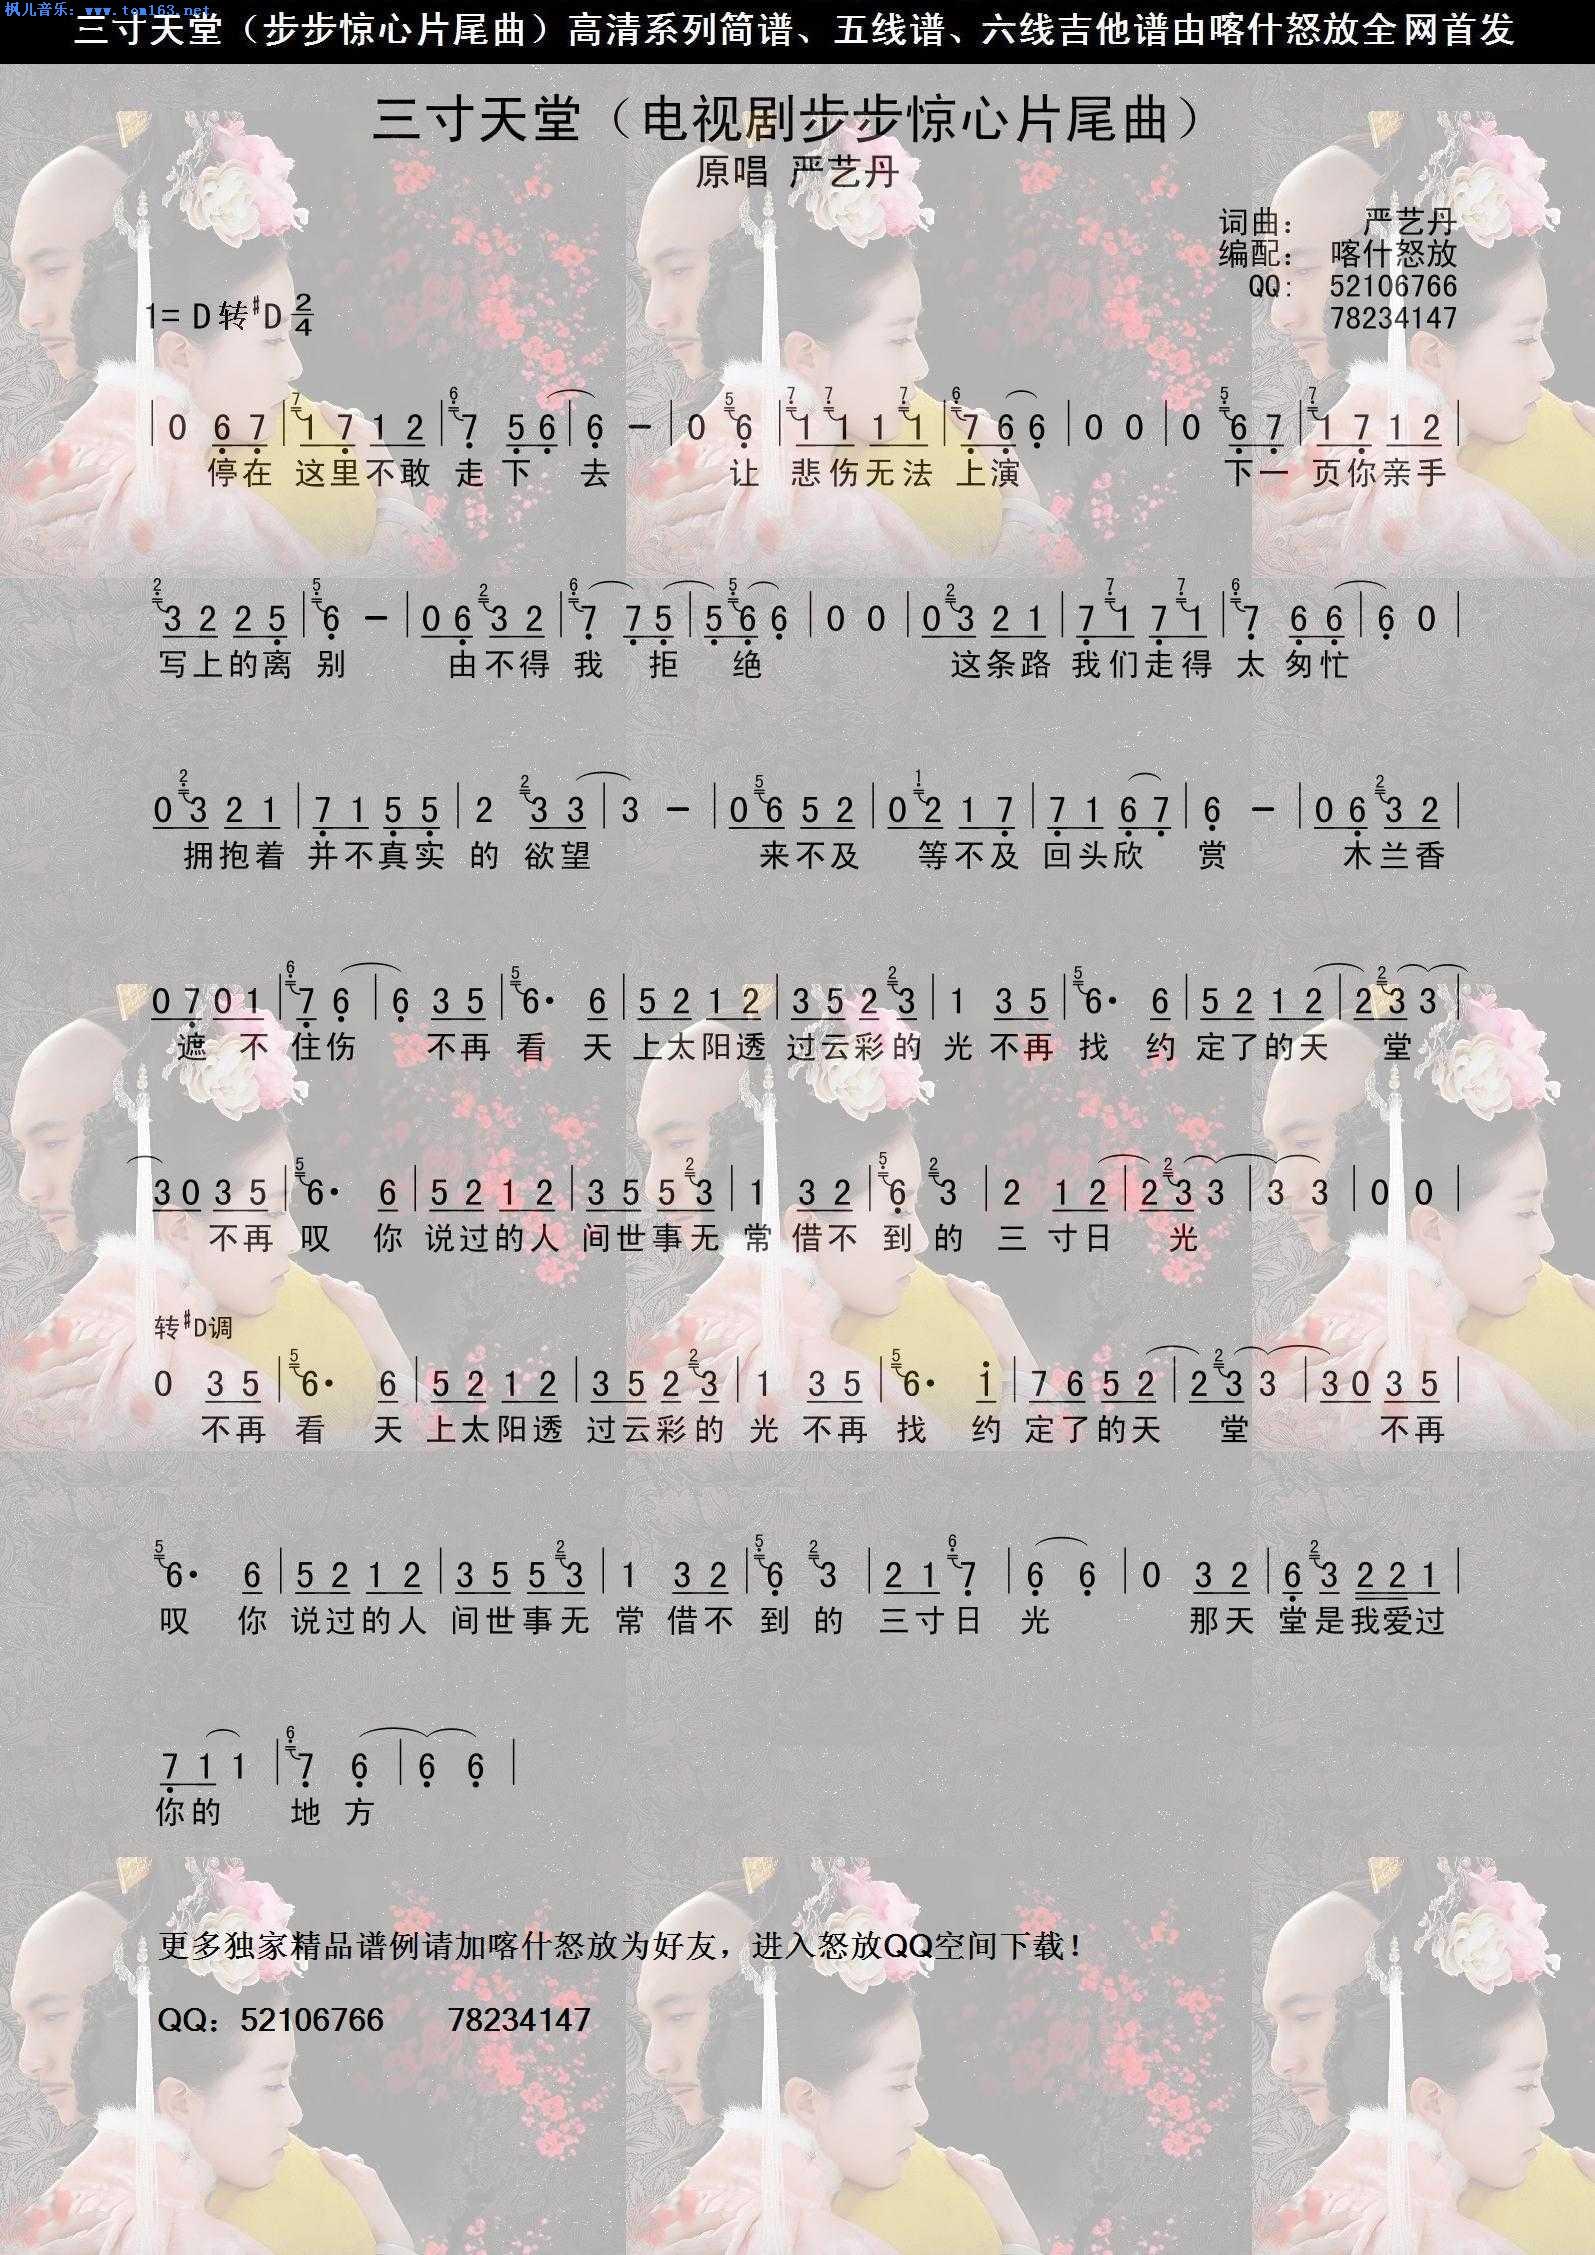 三寸天堂古筝简谱图片大全 谁有 三寸天堂 的钢琴谱